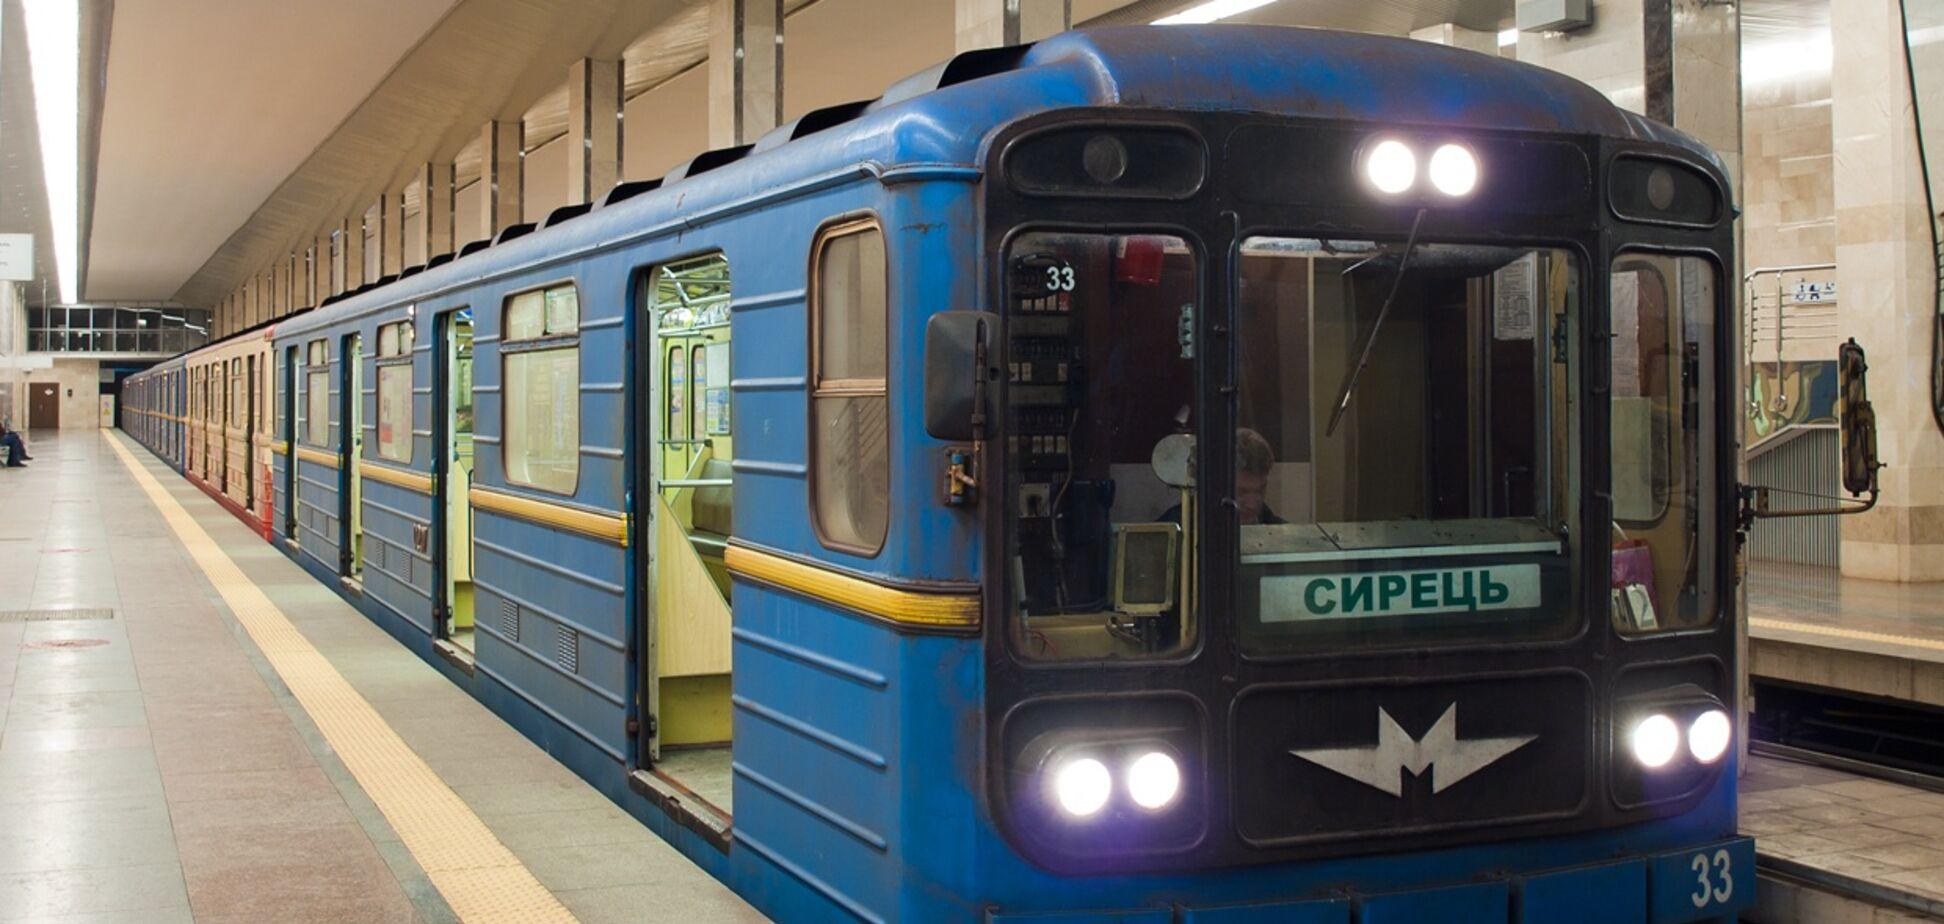 Голий чоловік у Києві спробував викрасти потяг: опубліковано відео